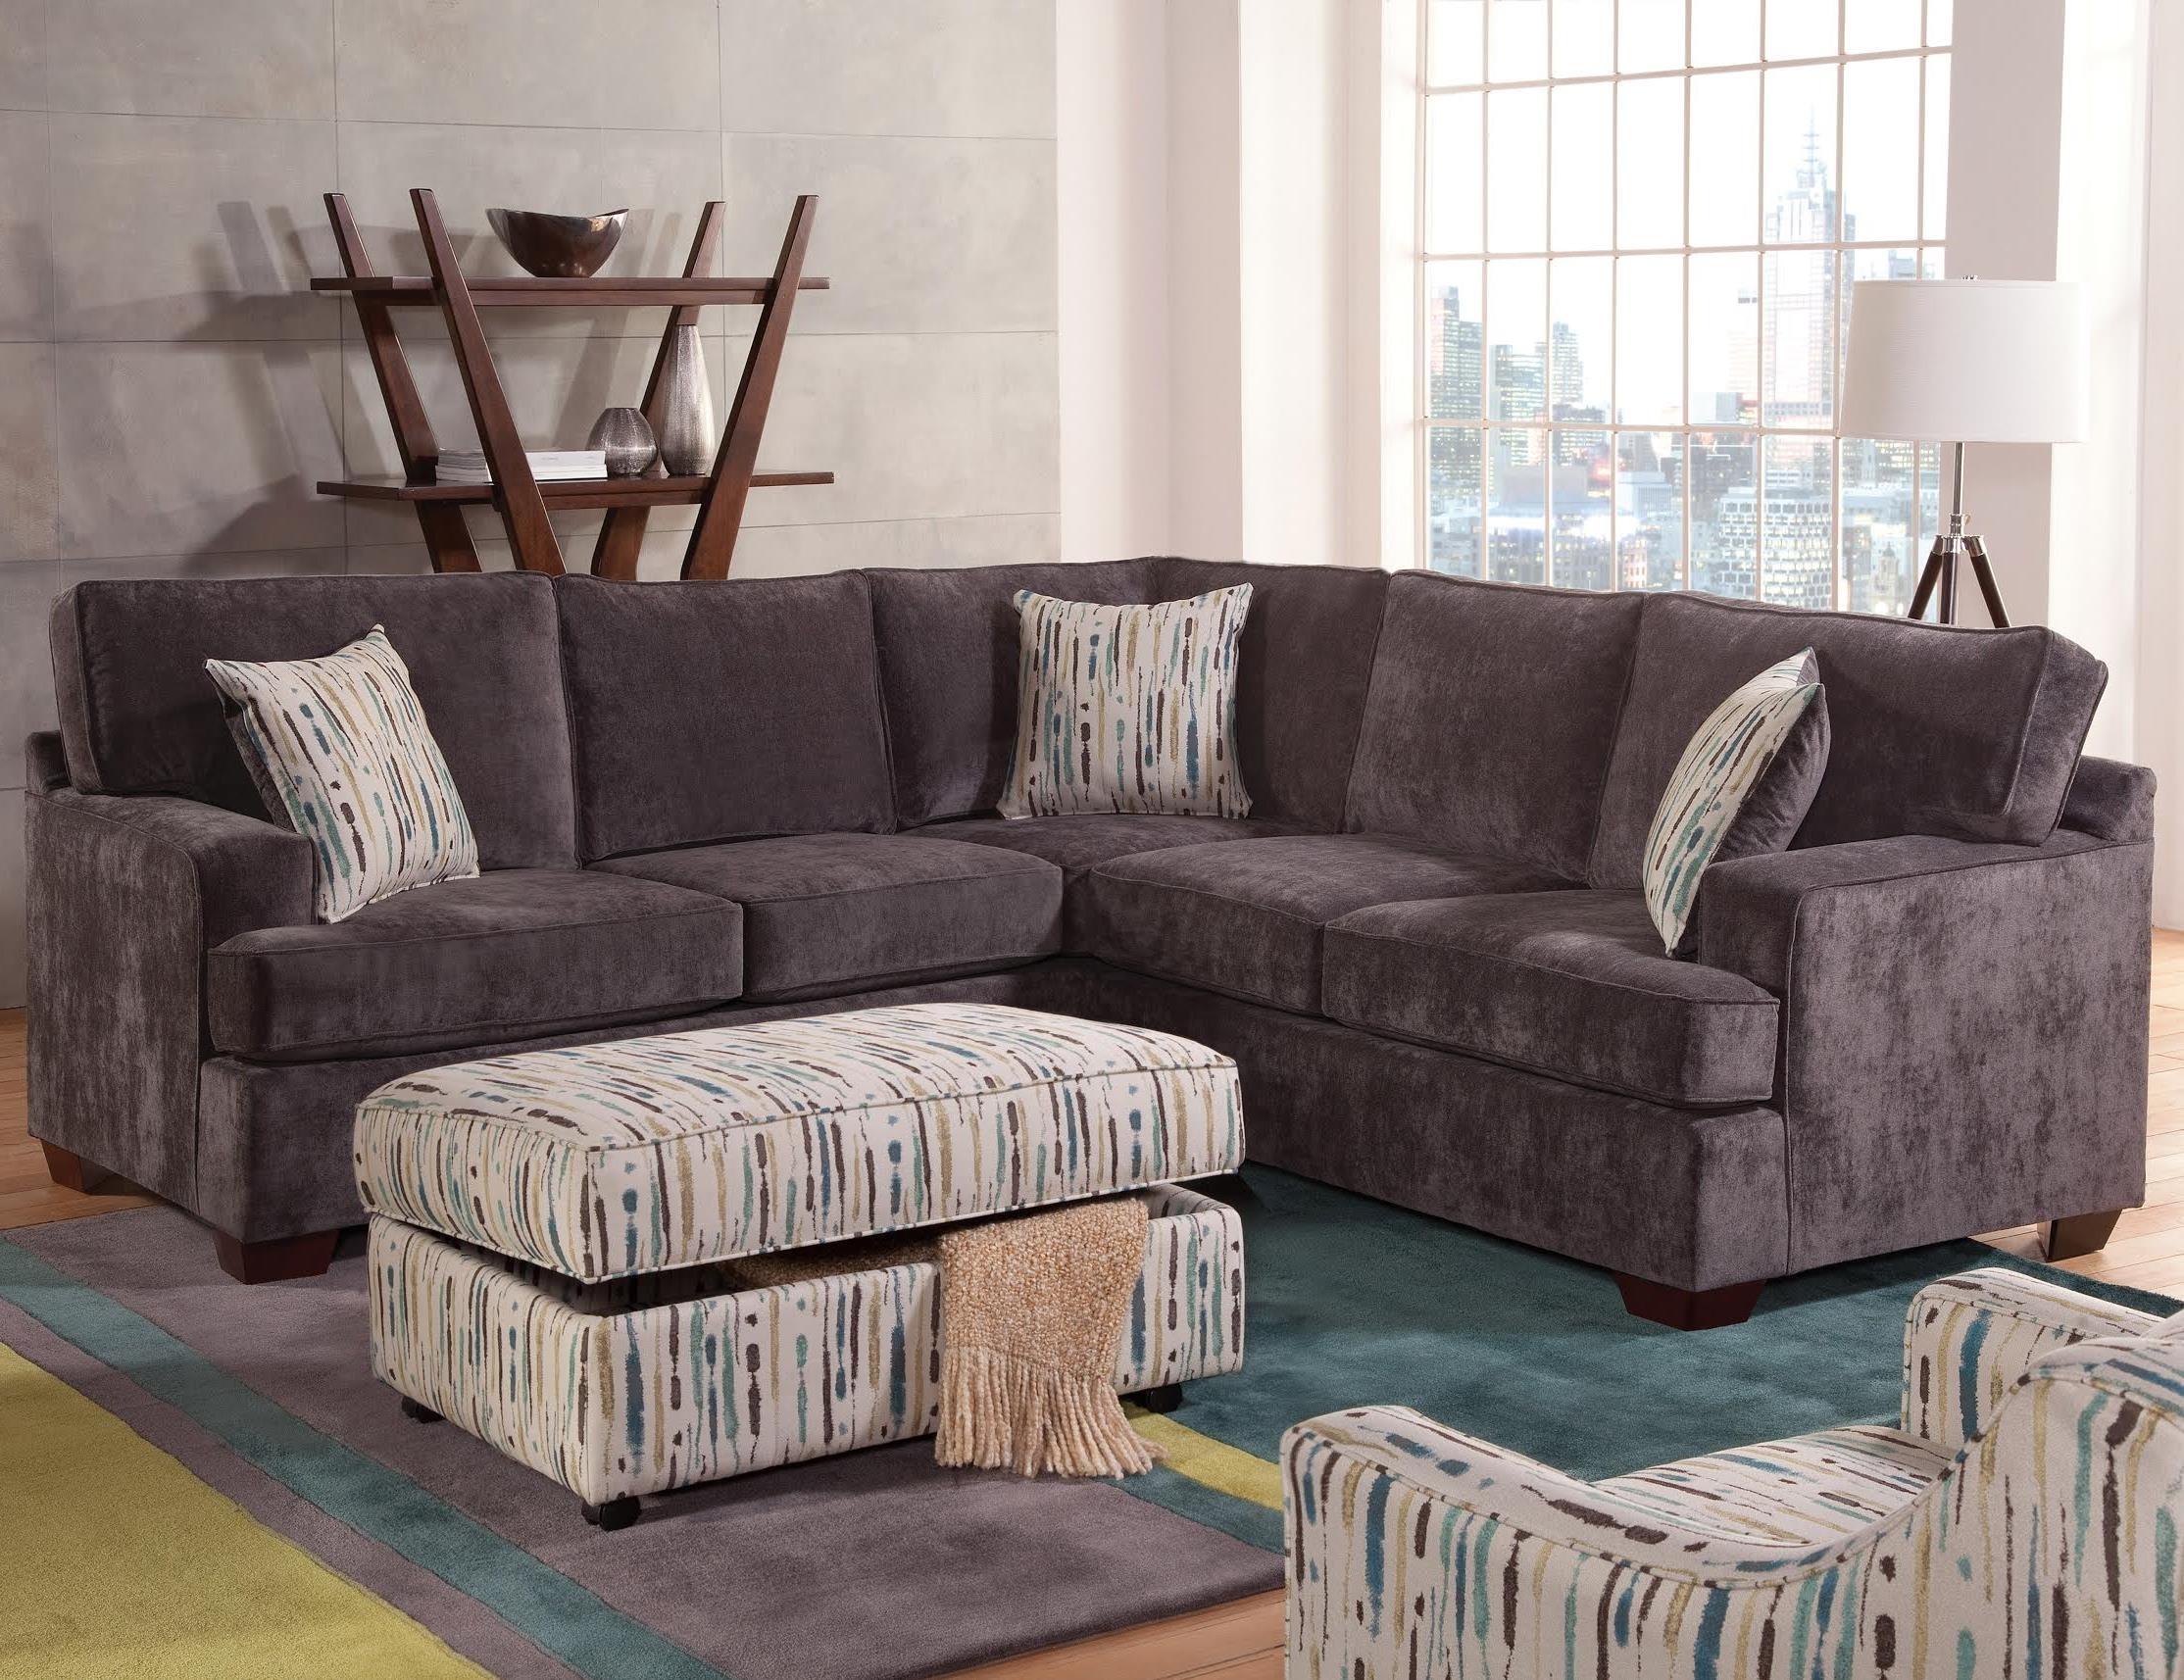 Jedd Fabric Reclining Sectional Sofa Reviews Sofas Contemporary San Regarding Jedd Fabric Reclining Sectional Sofas (View 4 of 10)